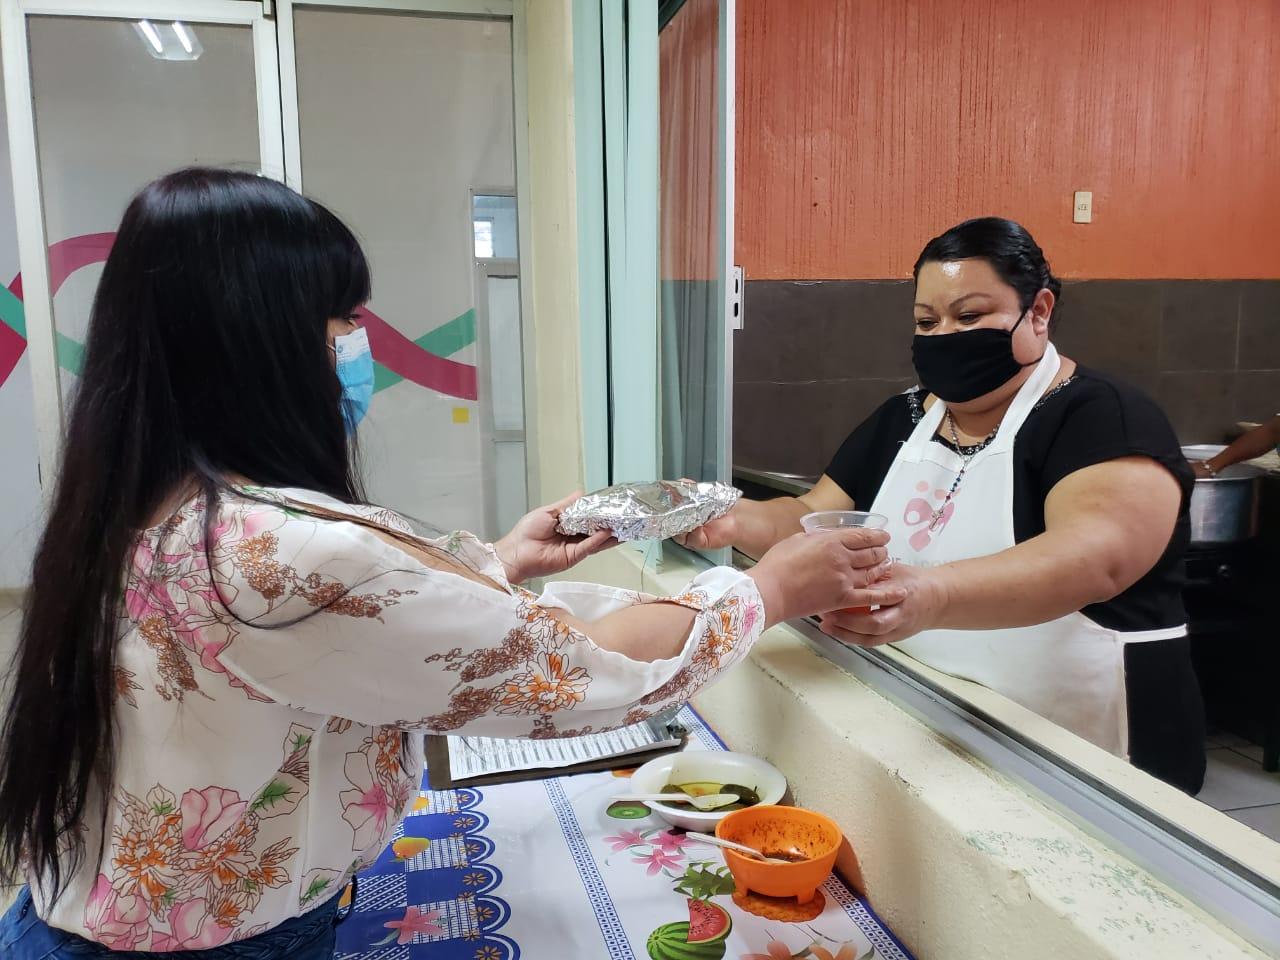 Continúan operando los Espacios de Alimentación, Encuentro y Desarrollo en Jacona